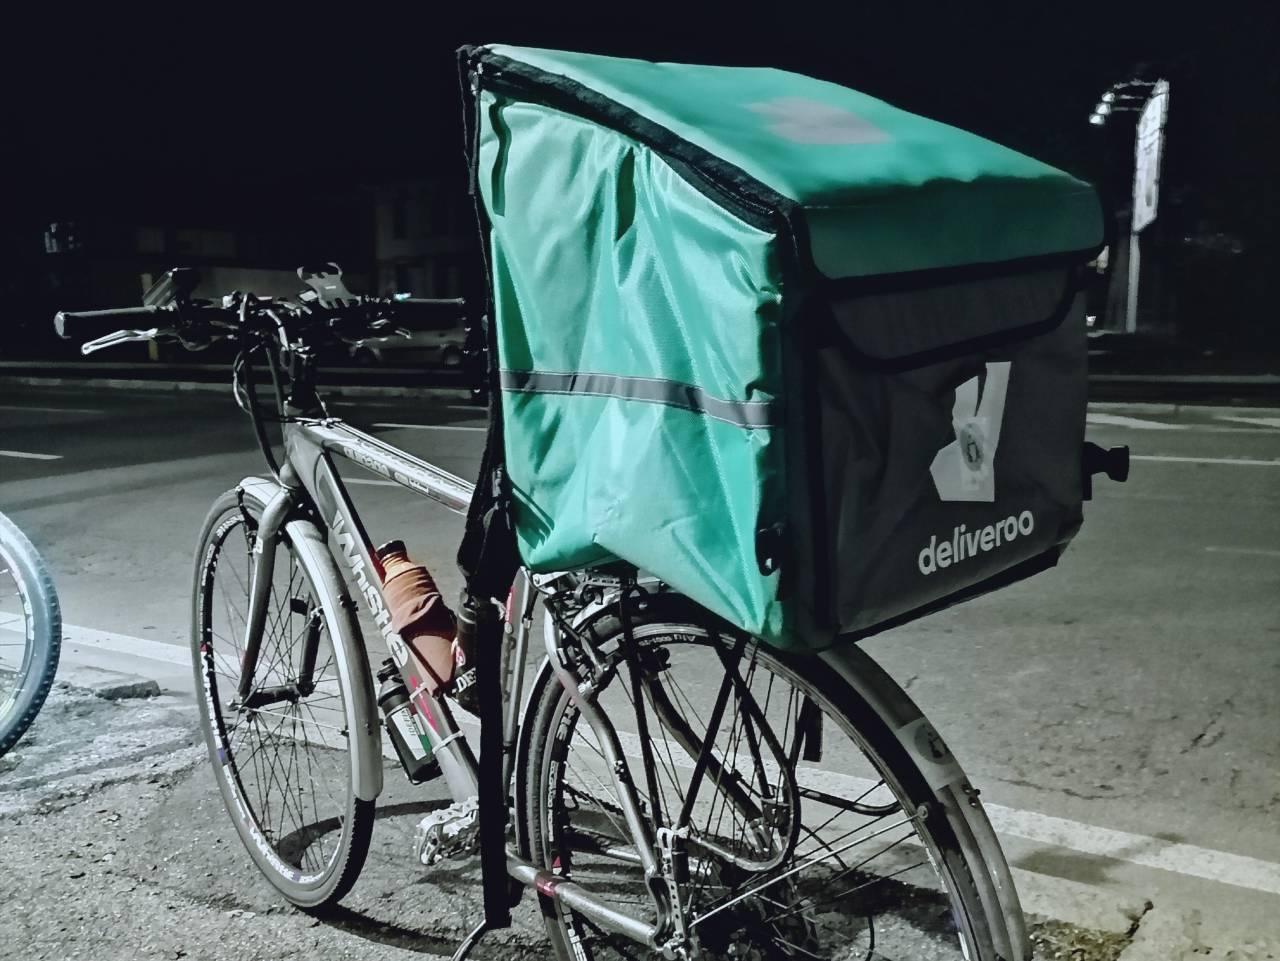 Deliveroo zaino e bici rider